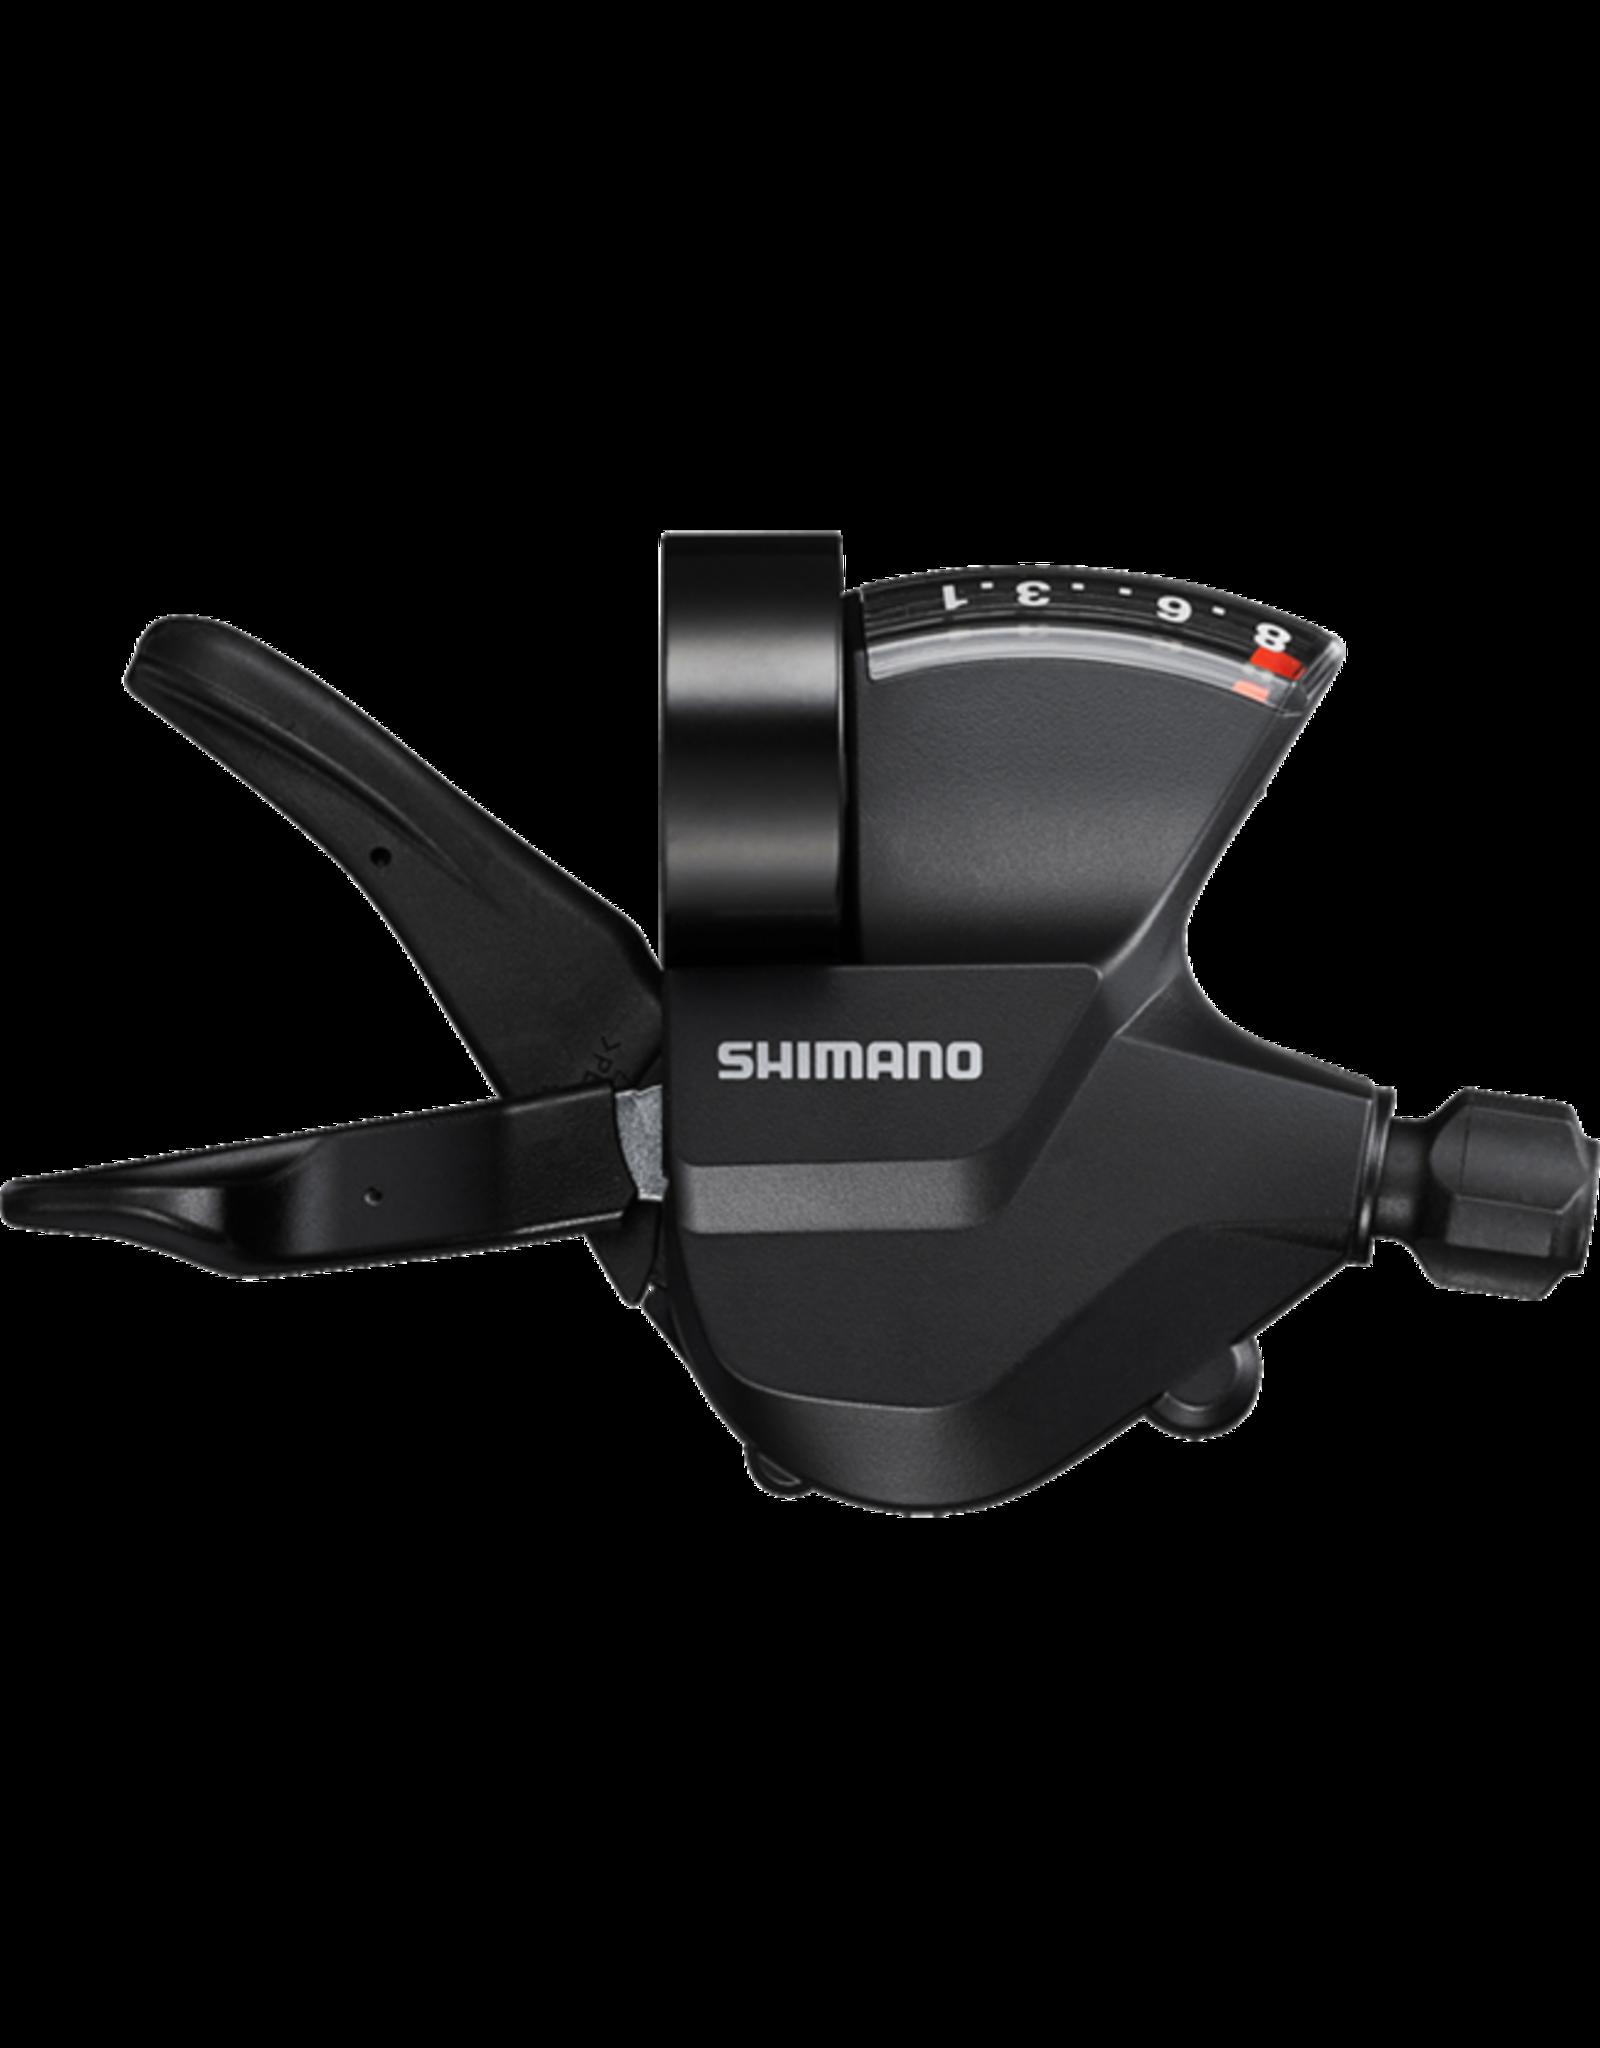 Shimano Shifter Shimano M315